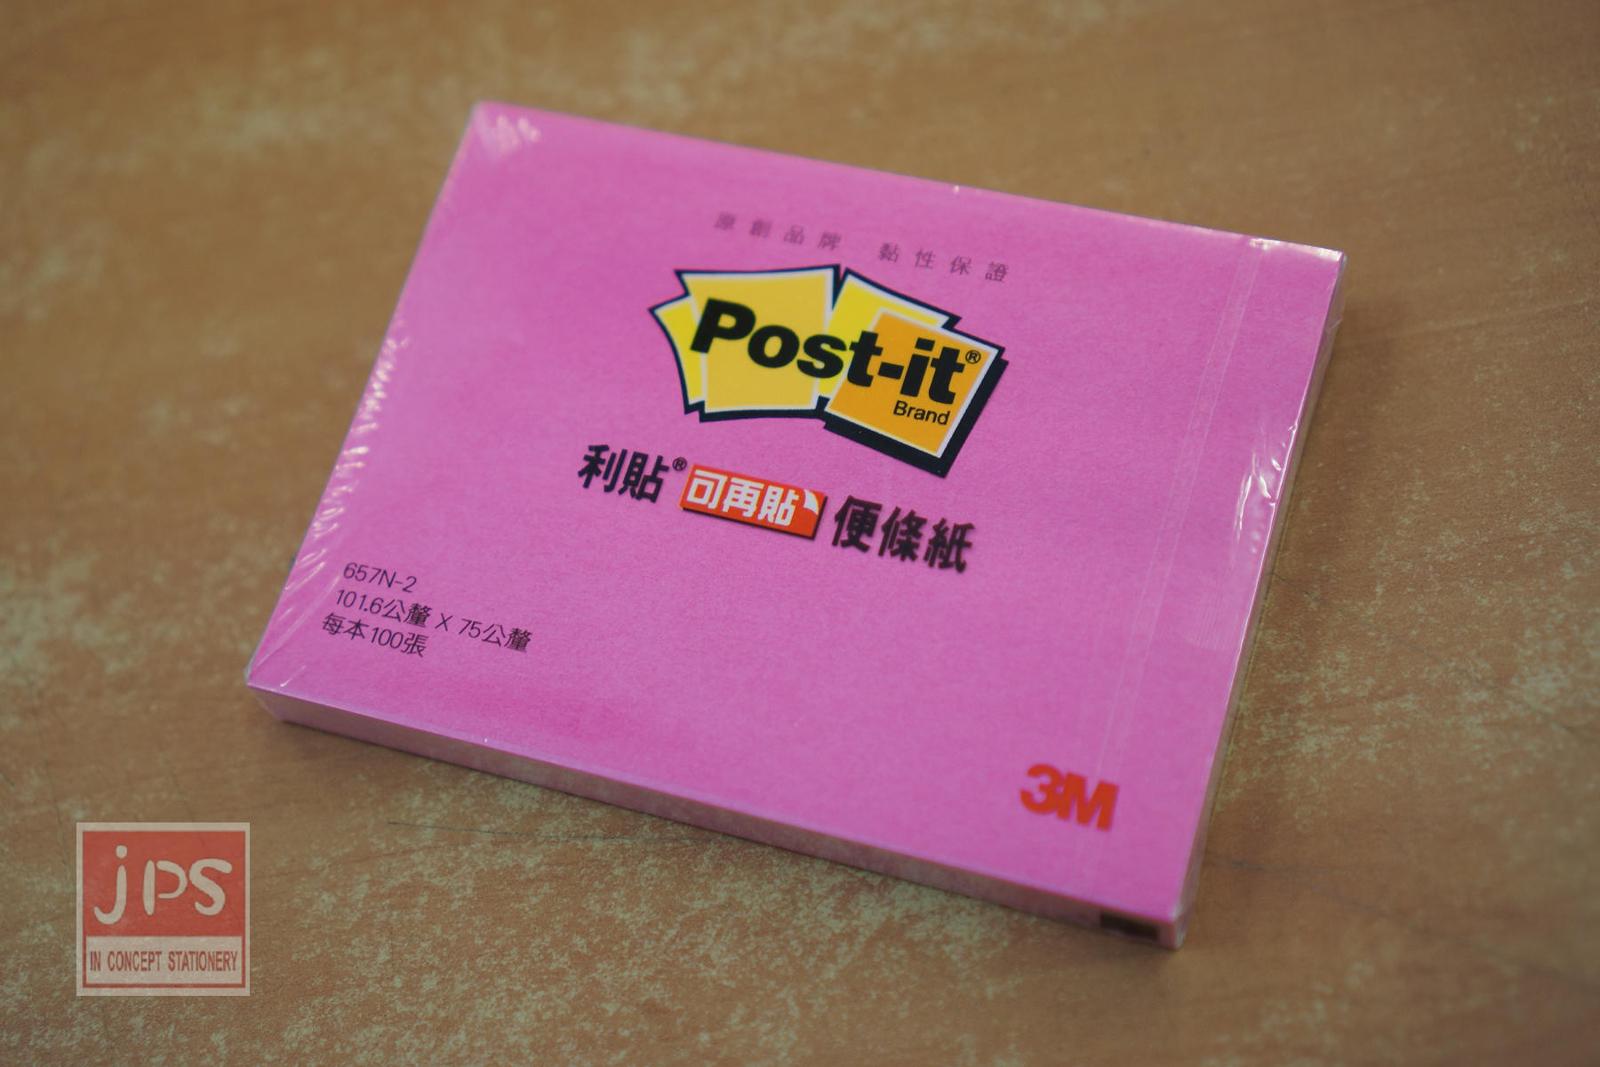 3M Post-it 利貼 可再貼 便條紙 便利貼 螢光桃紅 657N-2